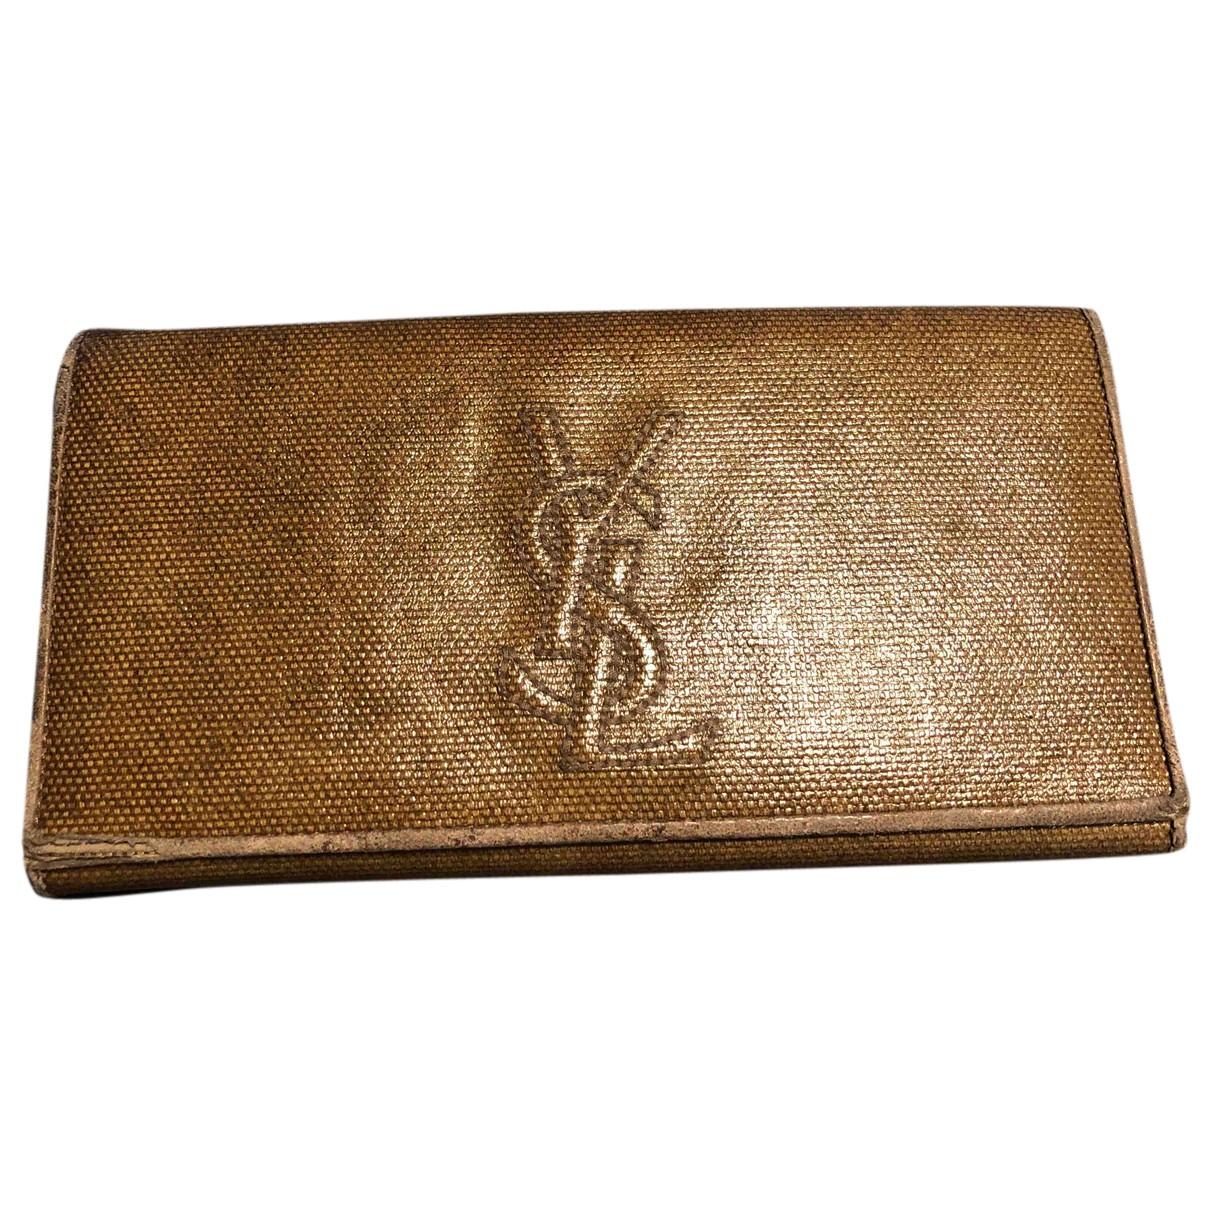 Yves Saint Laurent N Beige Leather wallet for Women N